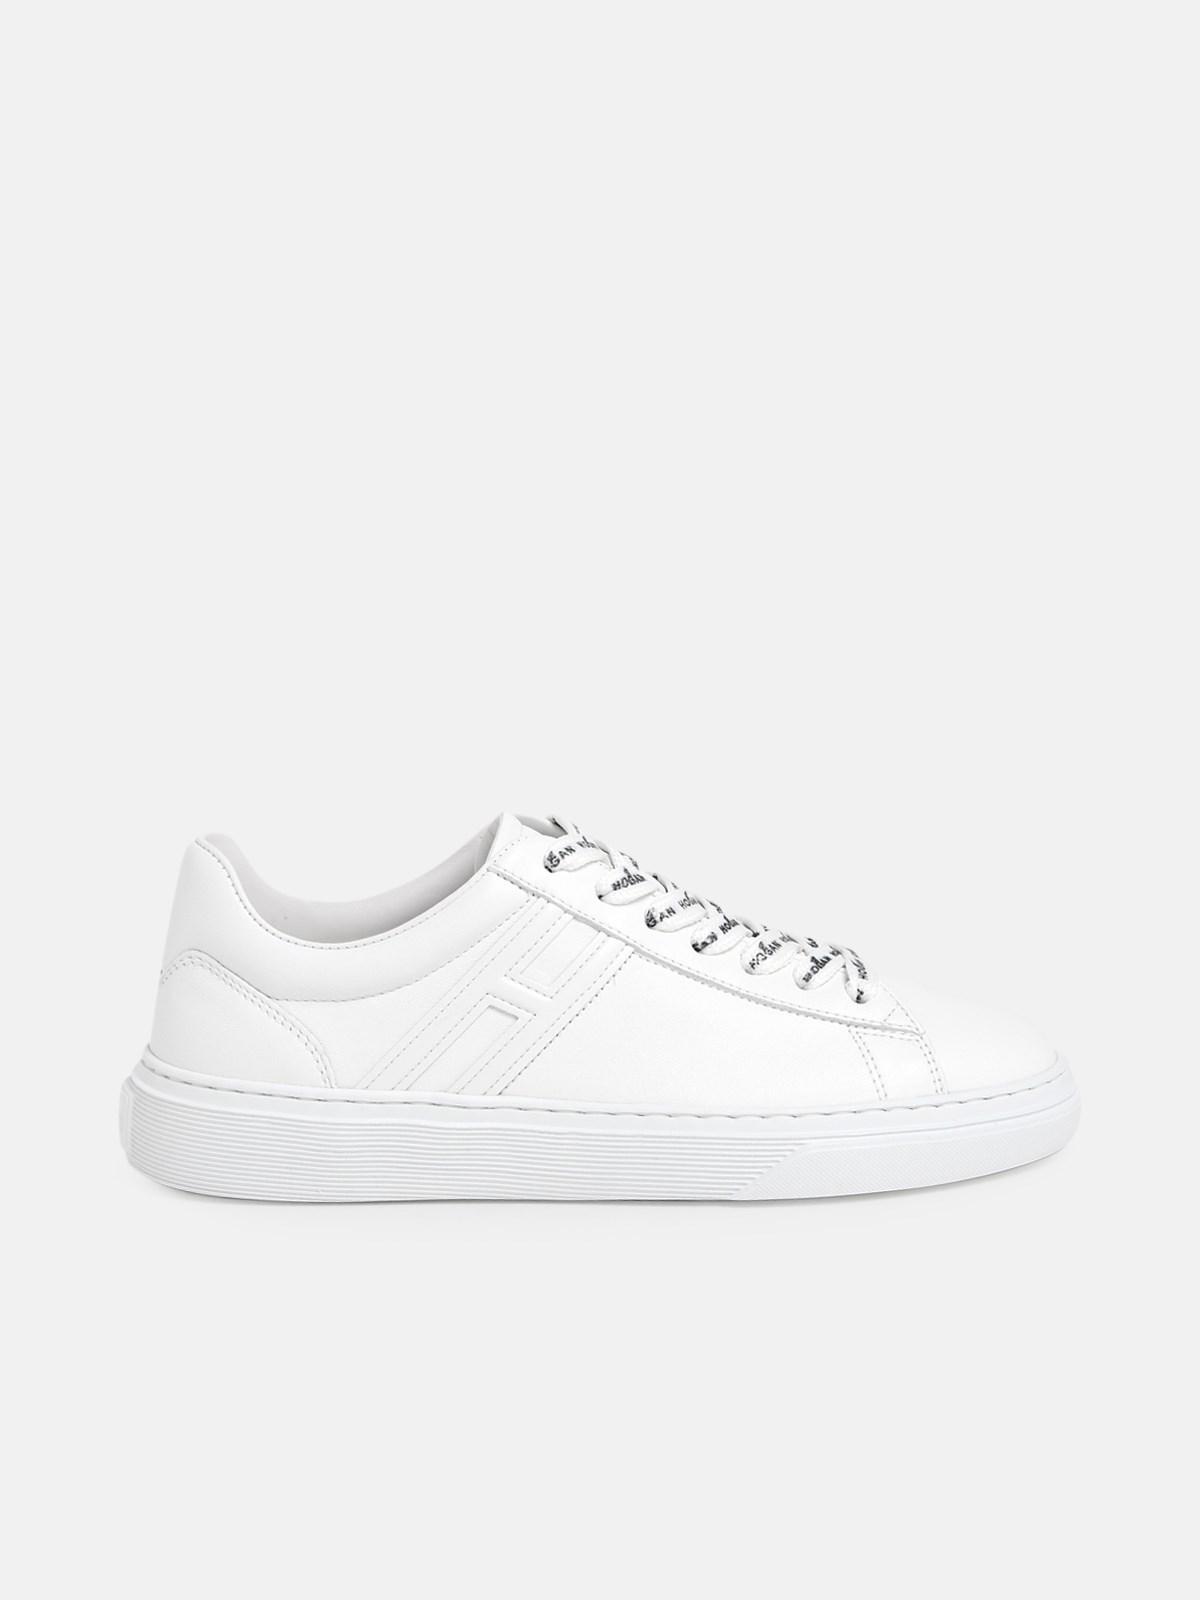 Hogan Sneakers SNEAKER H365 BIANCA